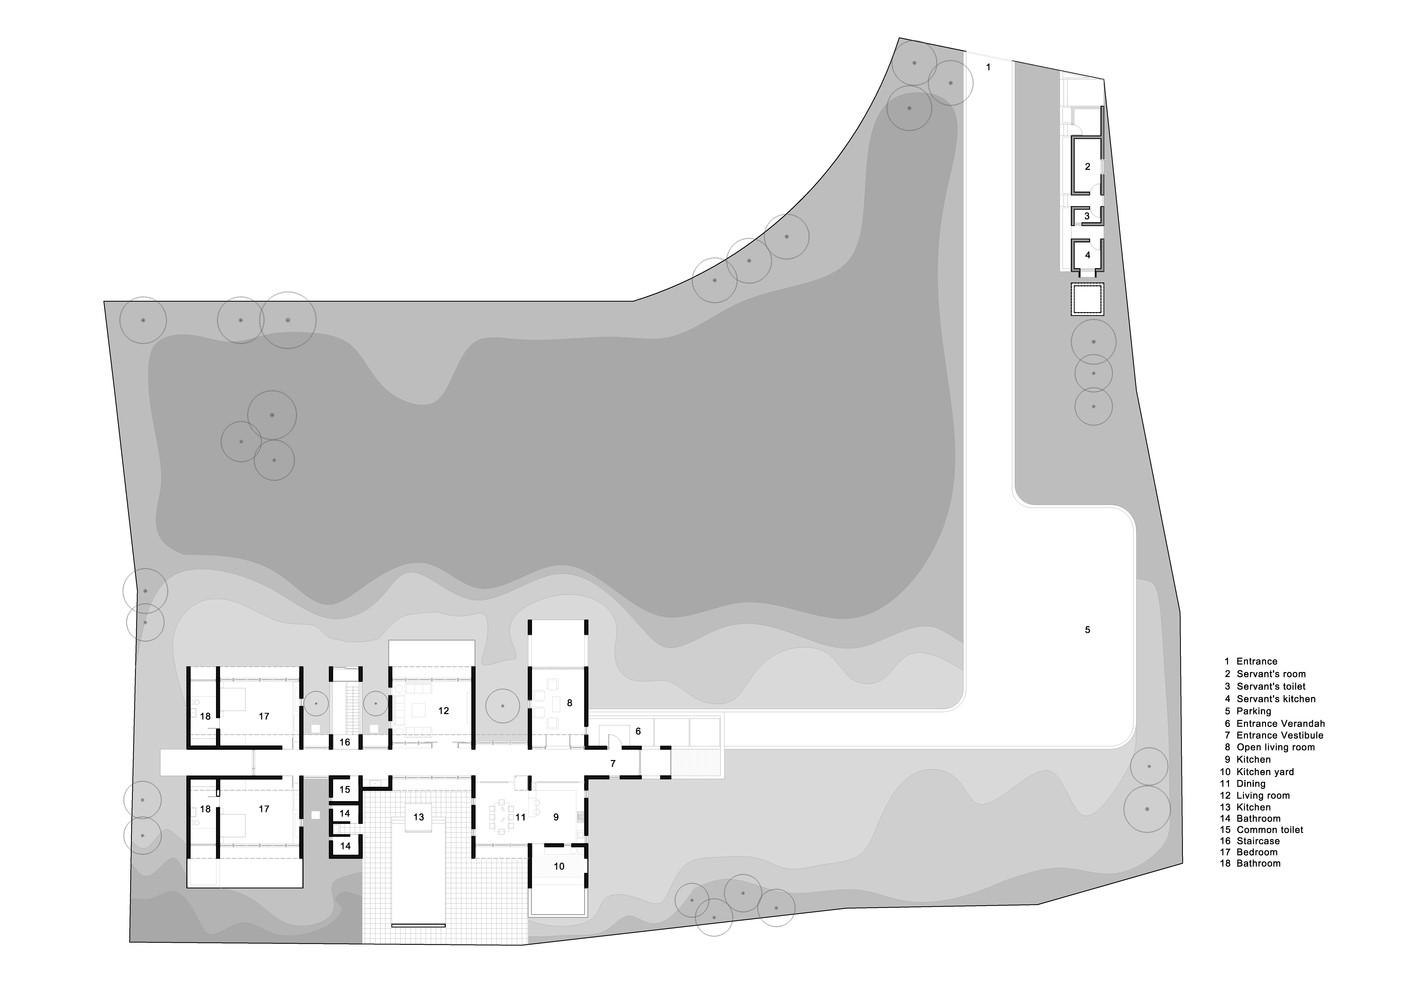 Outhouse plan